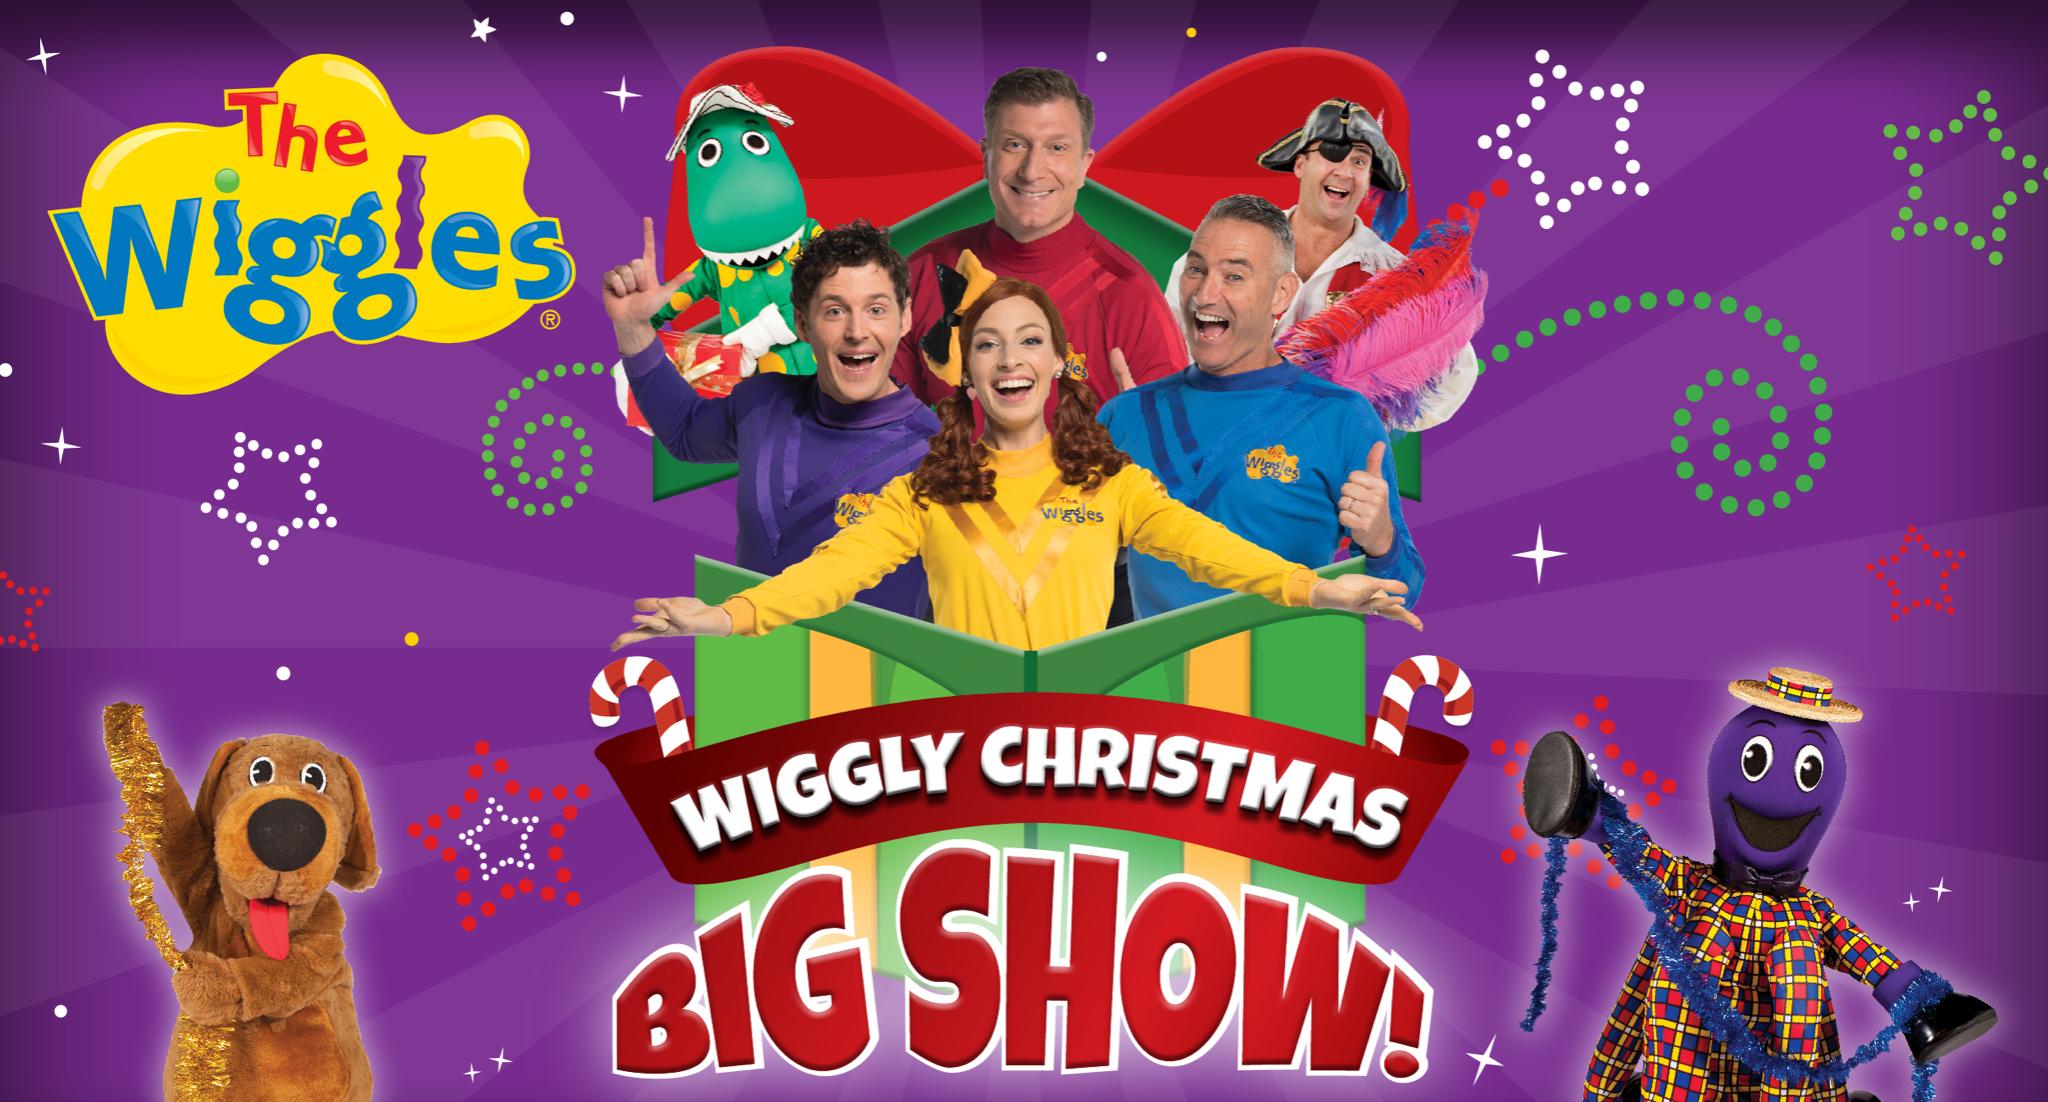 Wiggly Christmas Big Show